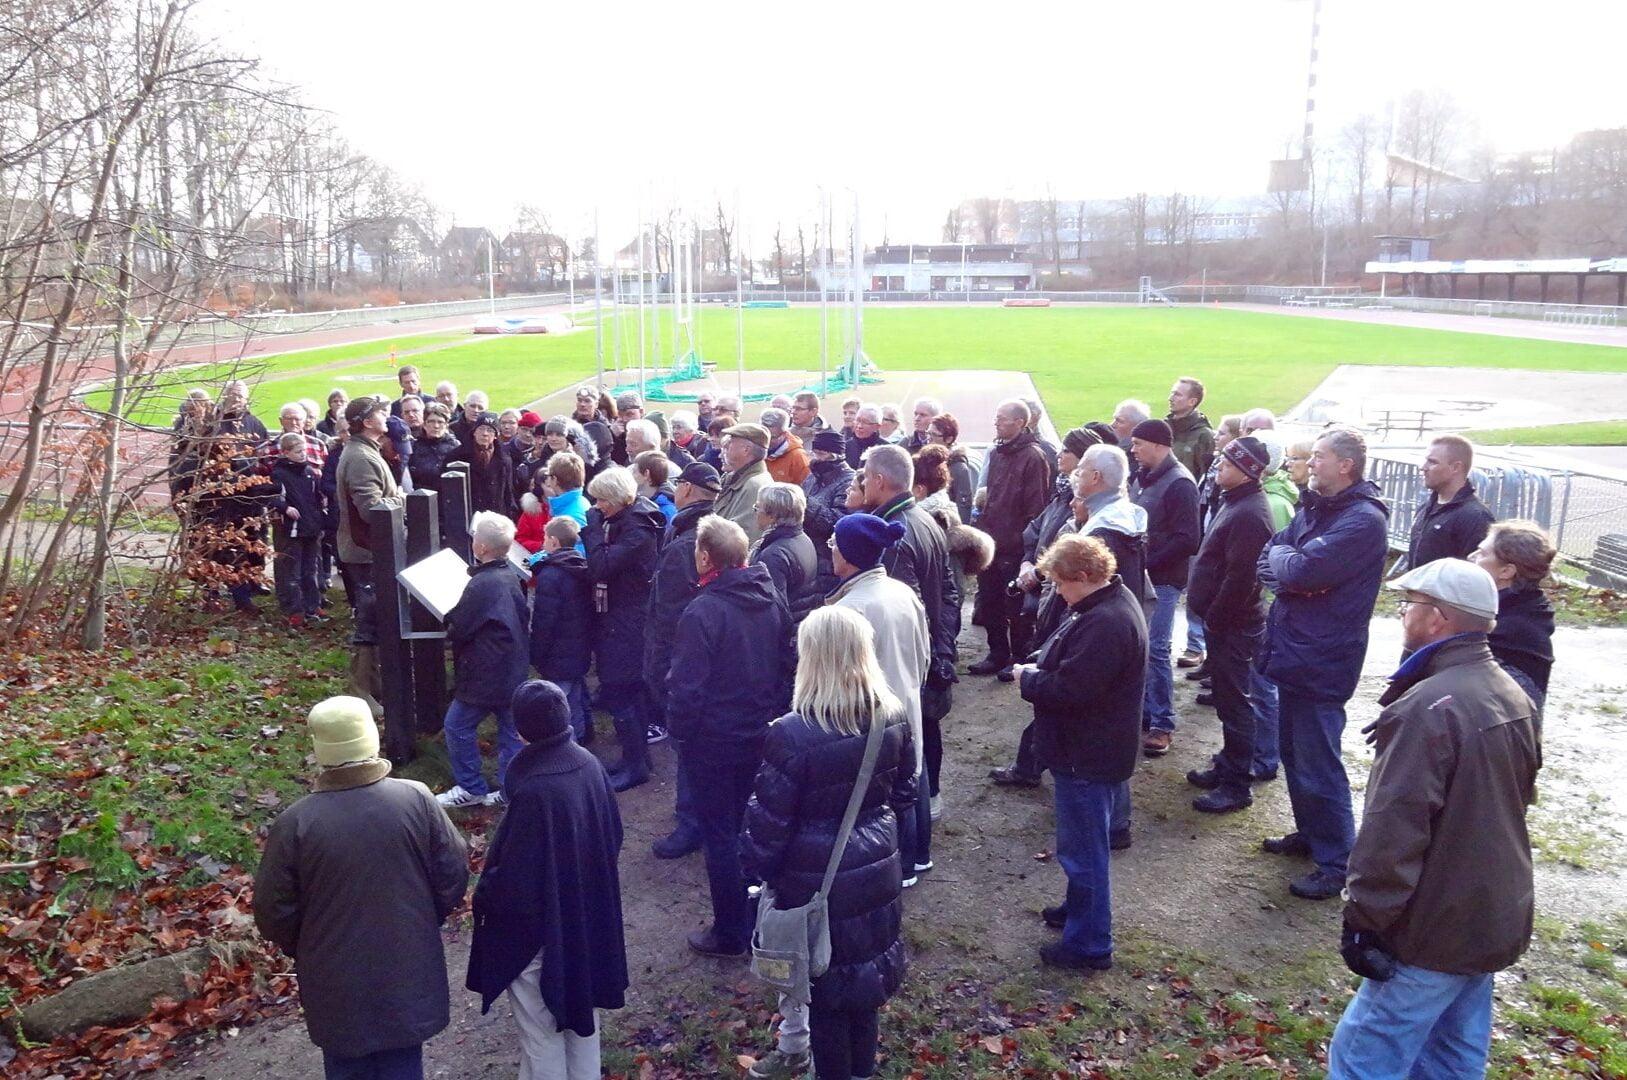 Forsamling klar til at se urbans kælder